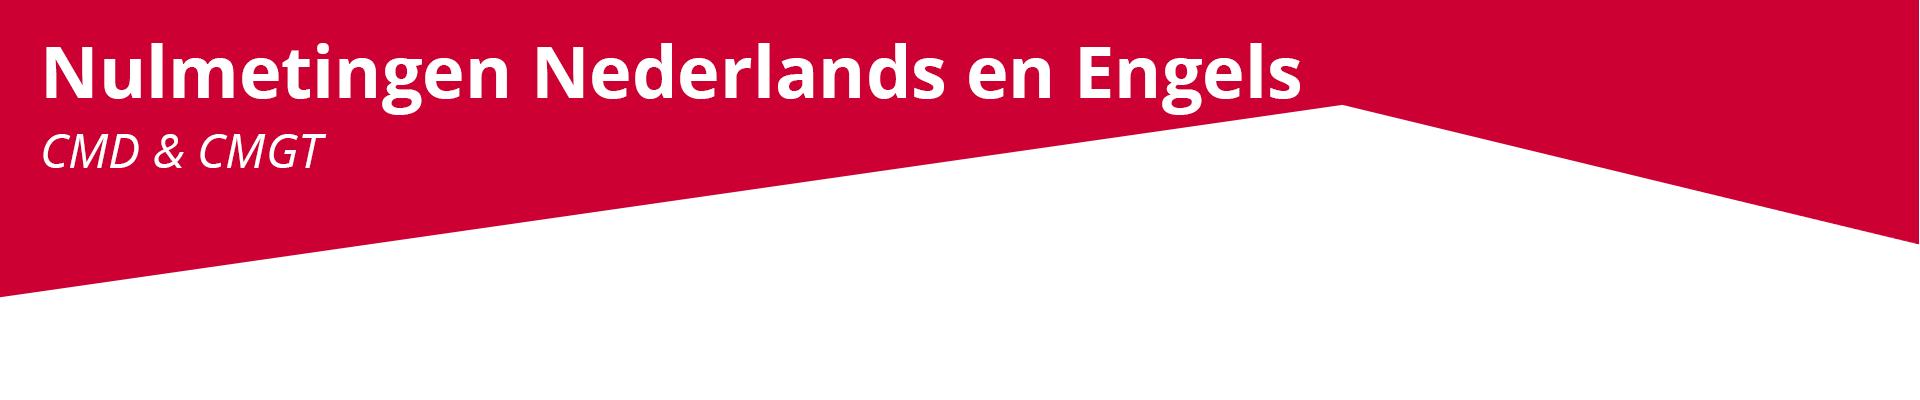 Nulmetingen Nederlands en Engels